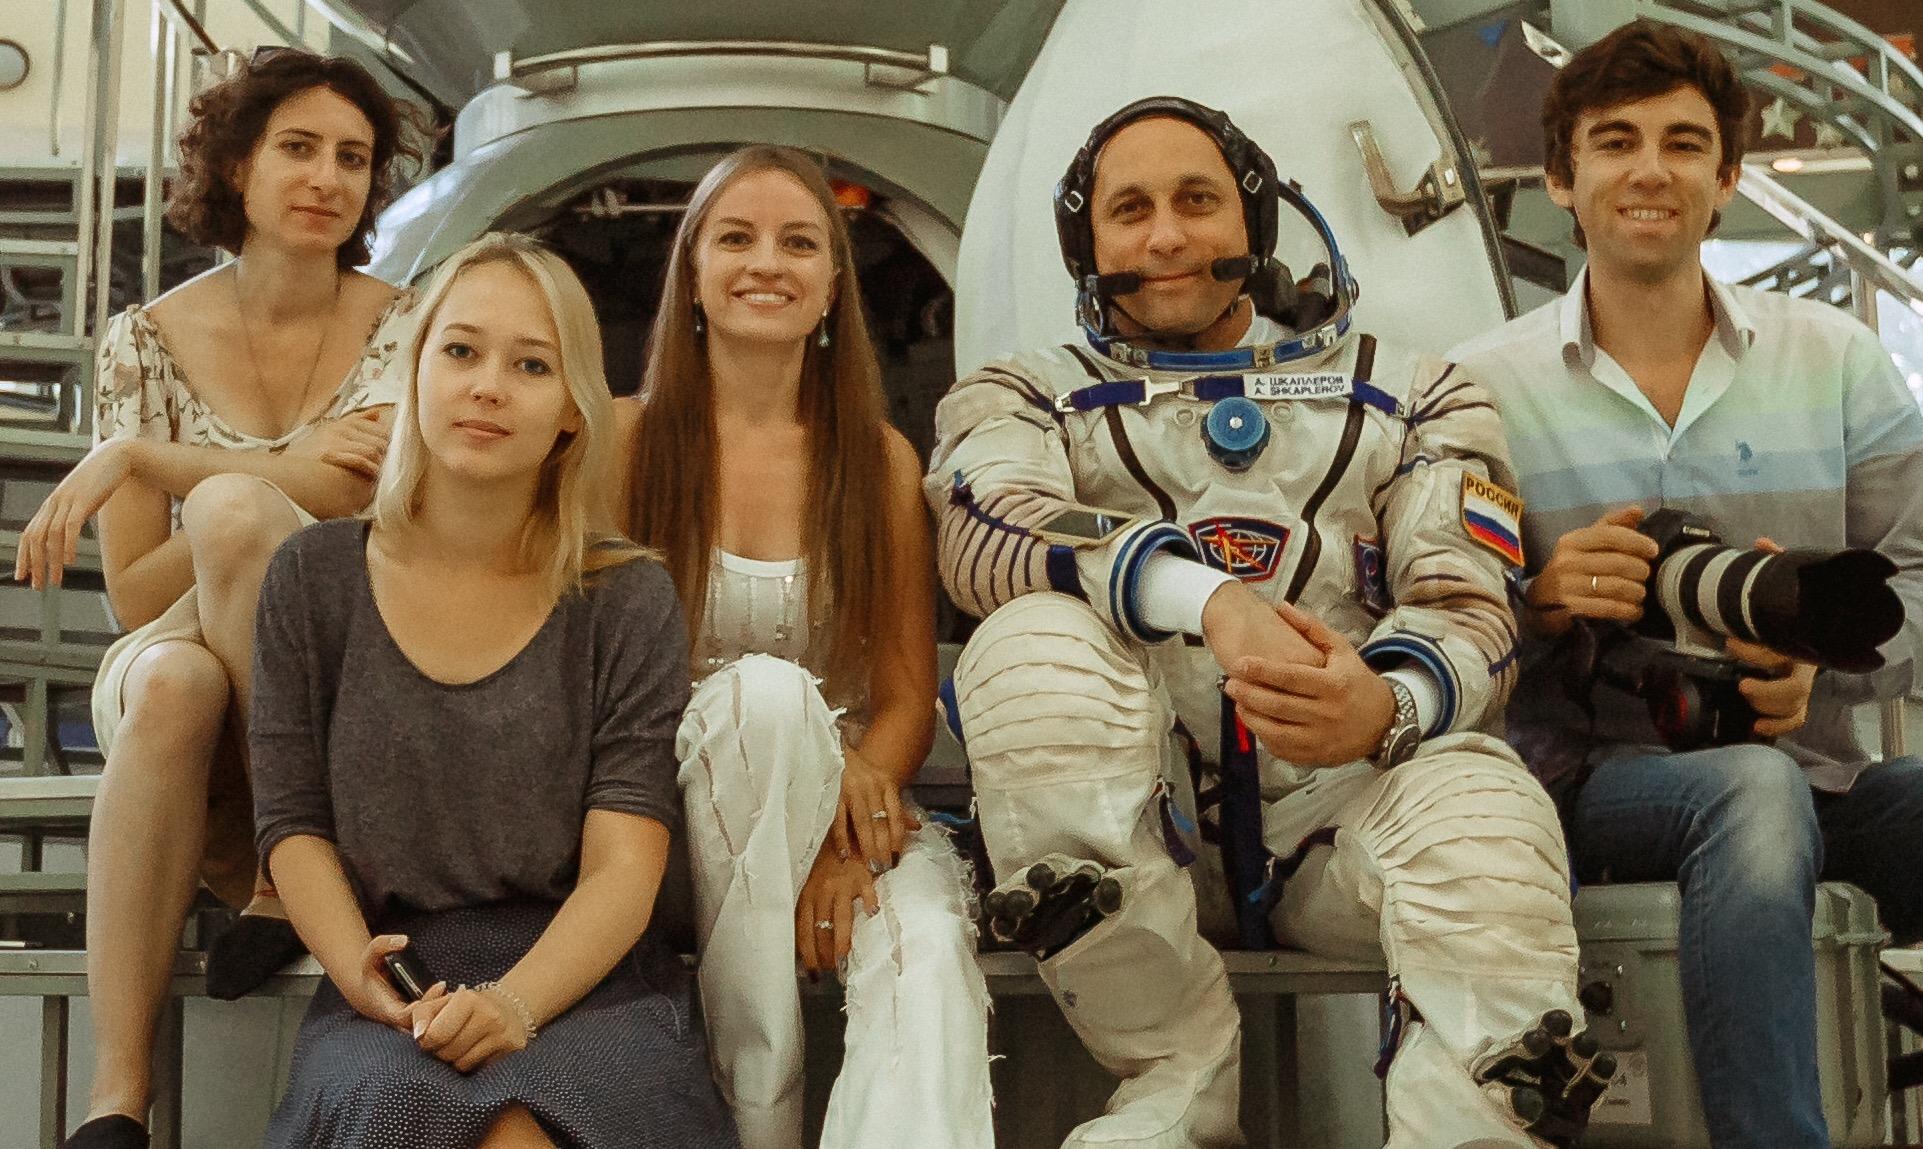 Съемочная группа и космонавт Антон Шкаплеров